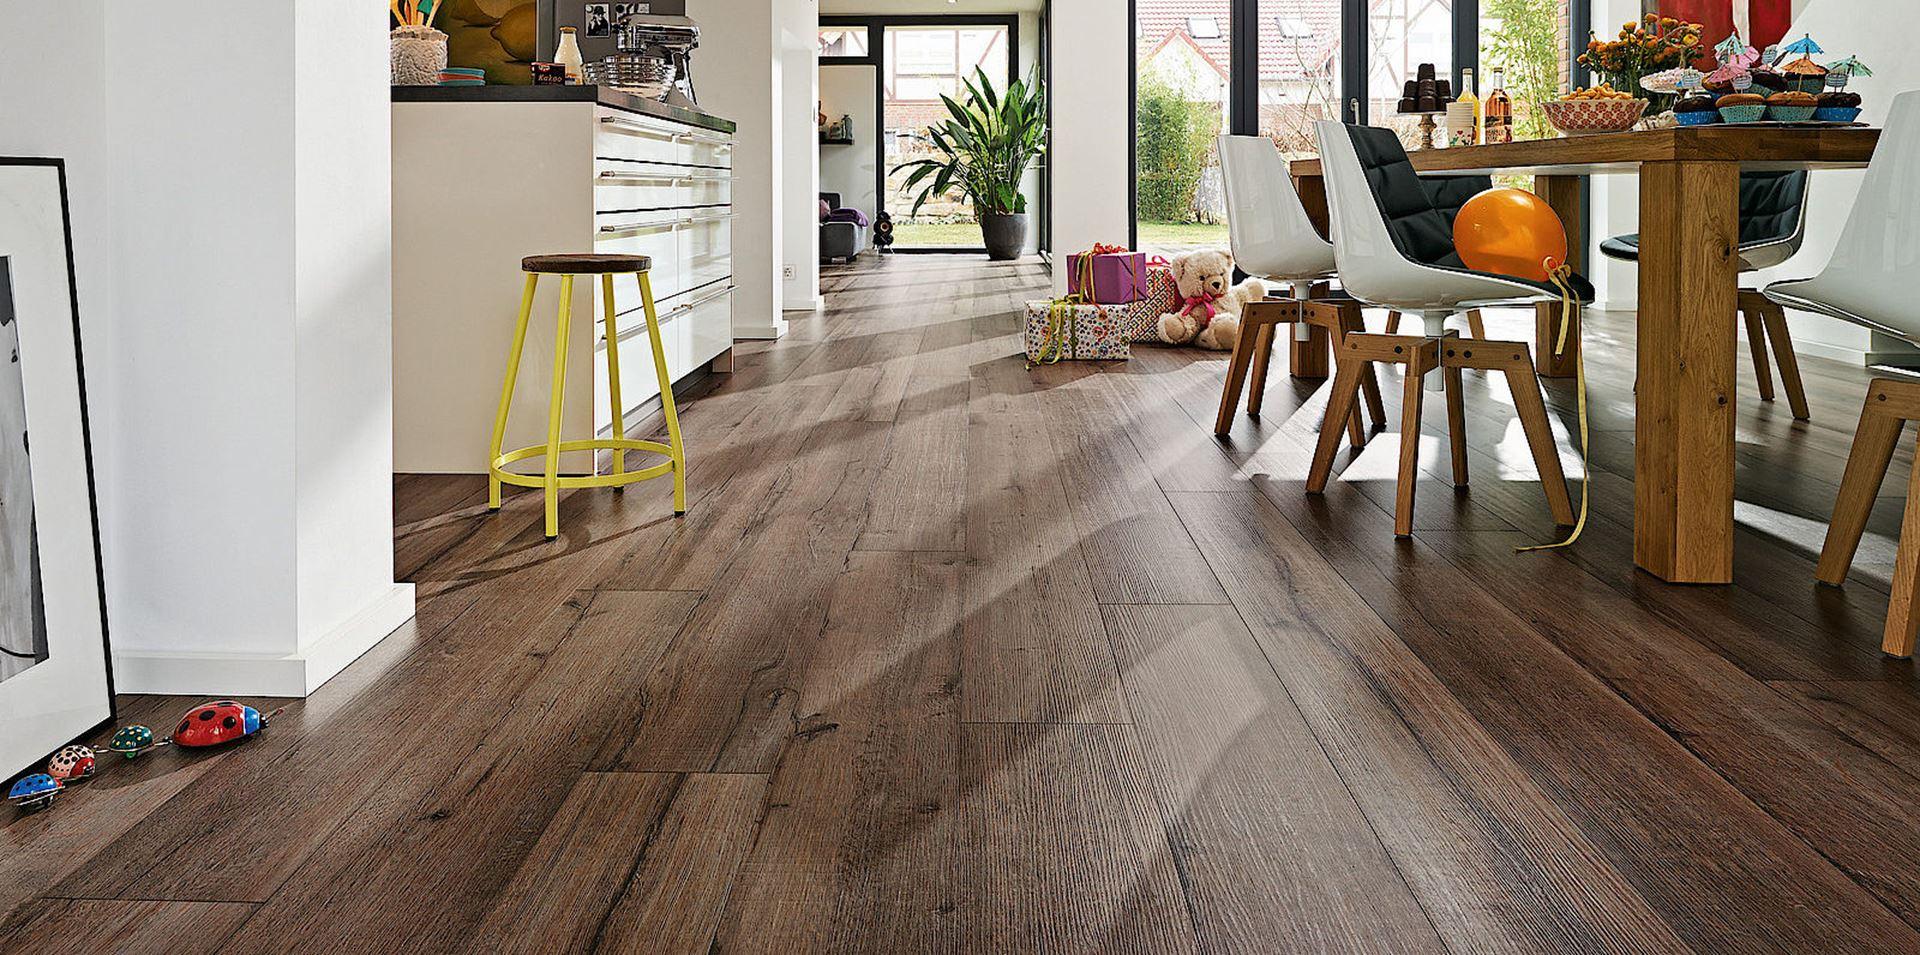 Beulen hout voor interieur lindura - Linoleo suelo ...